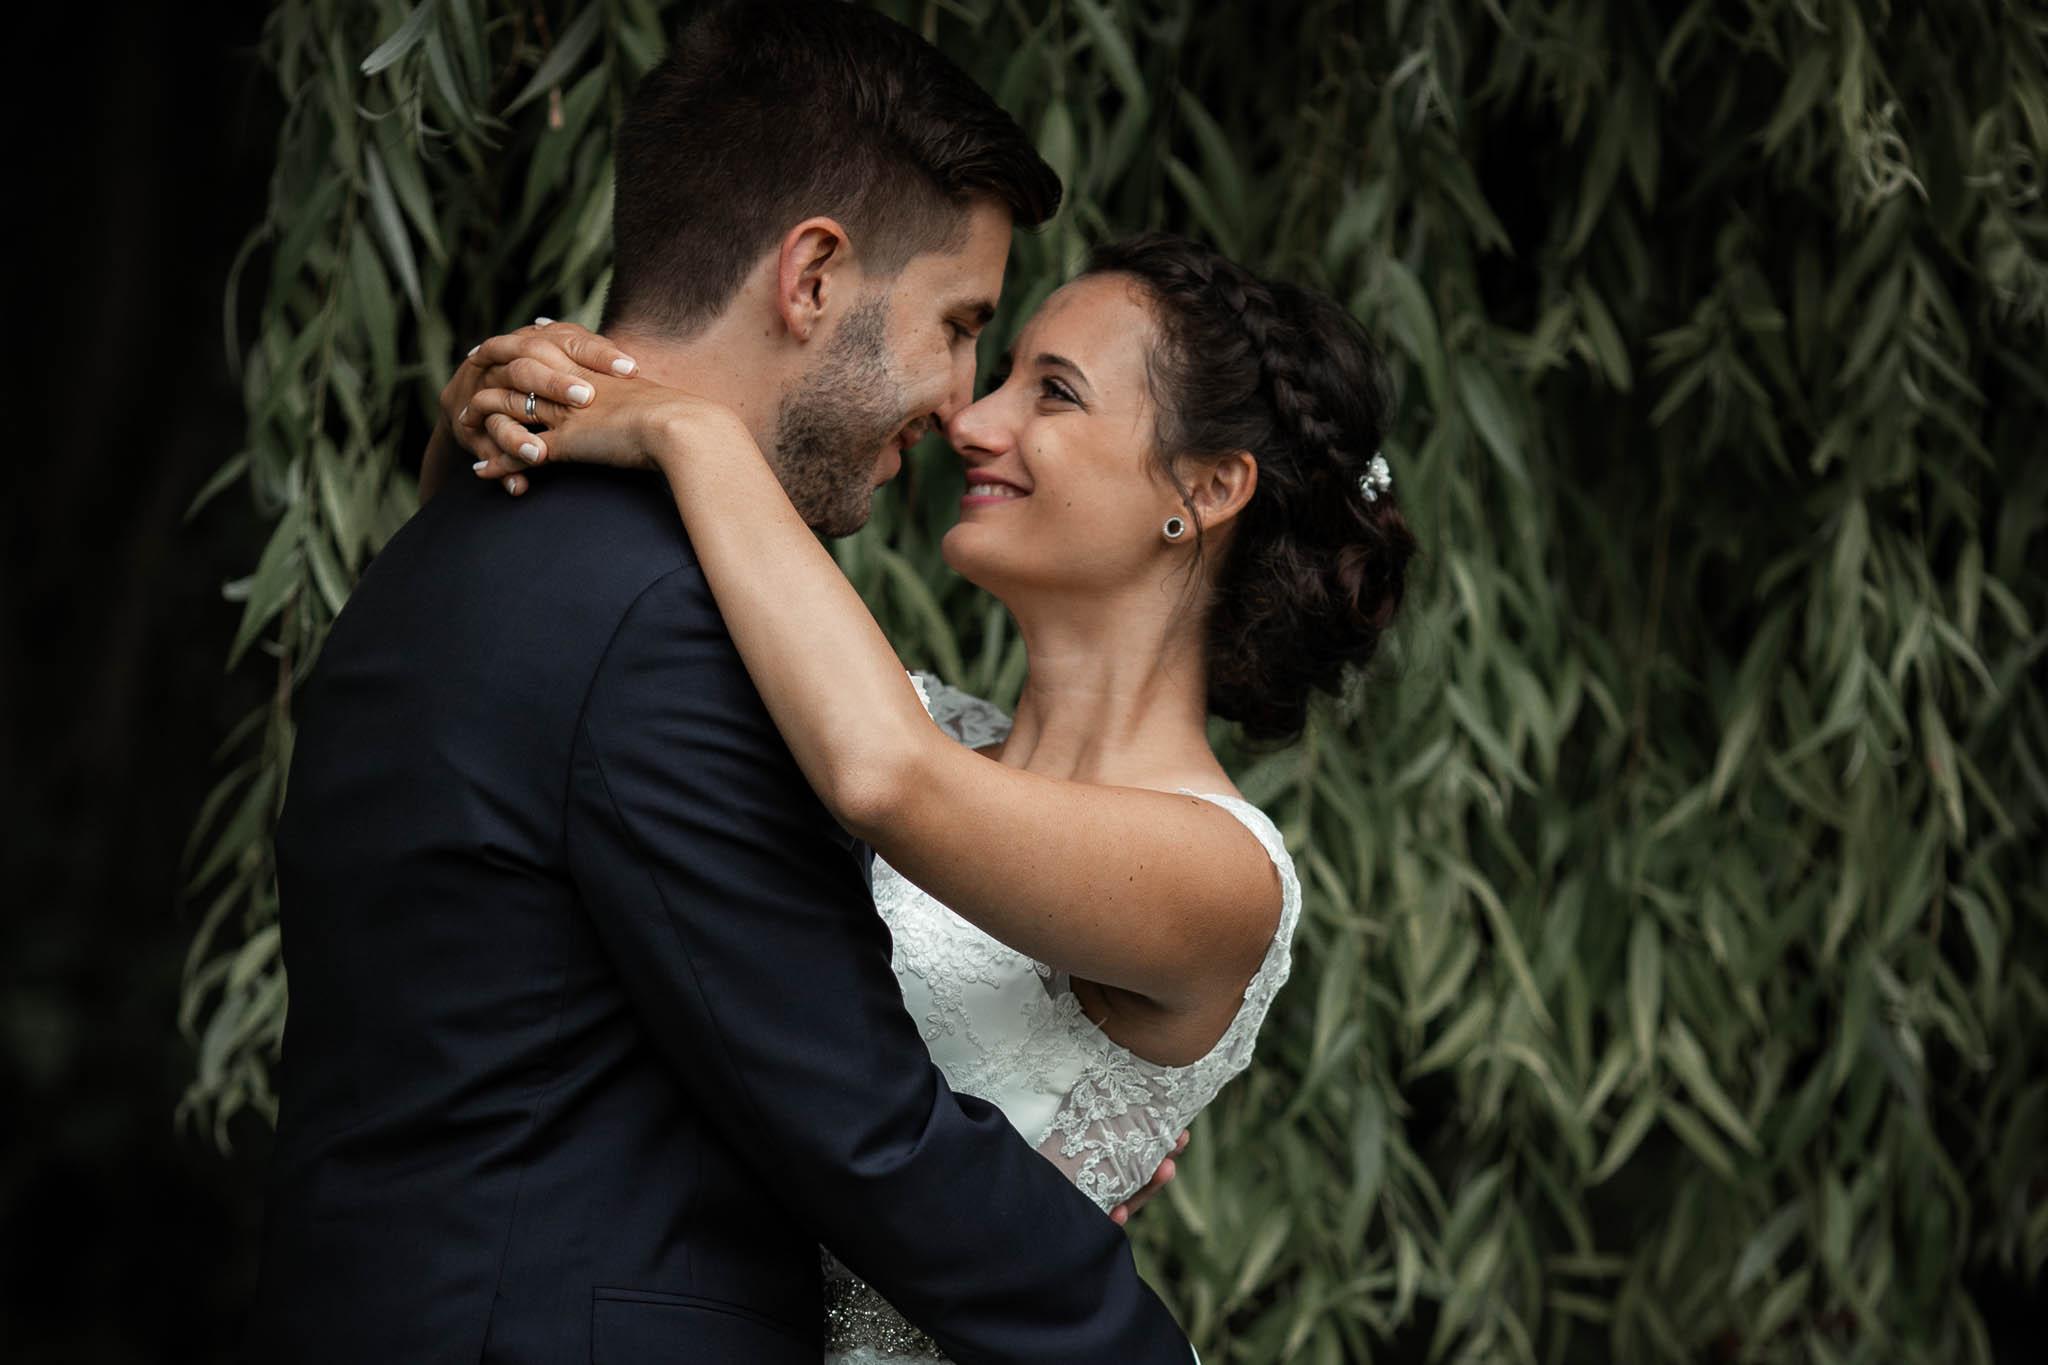 Hochzeitsfotograf Monzernheim: freie Trauung von Sarah & Patrick 48